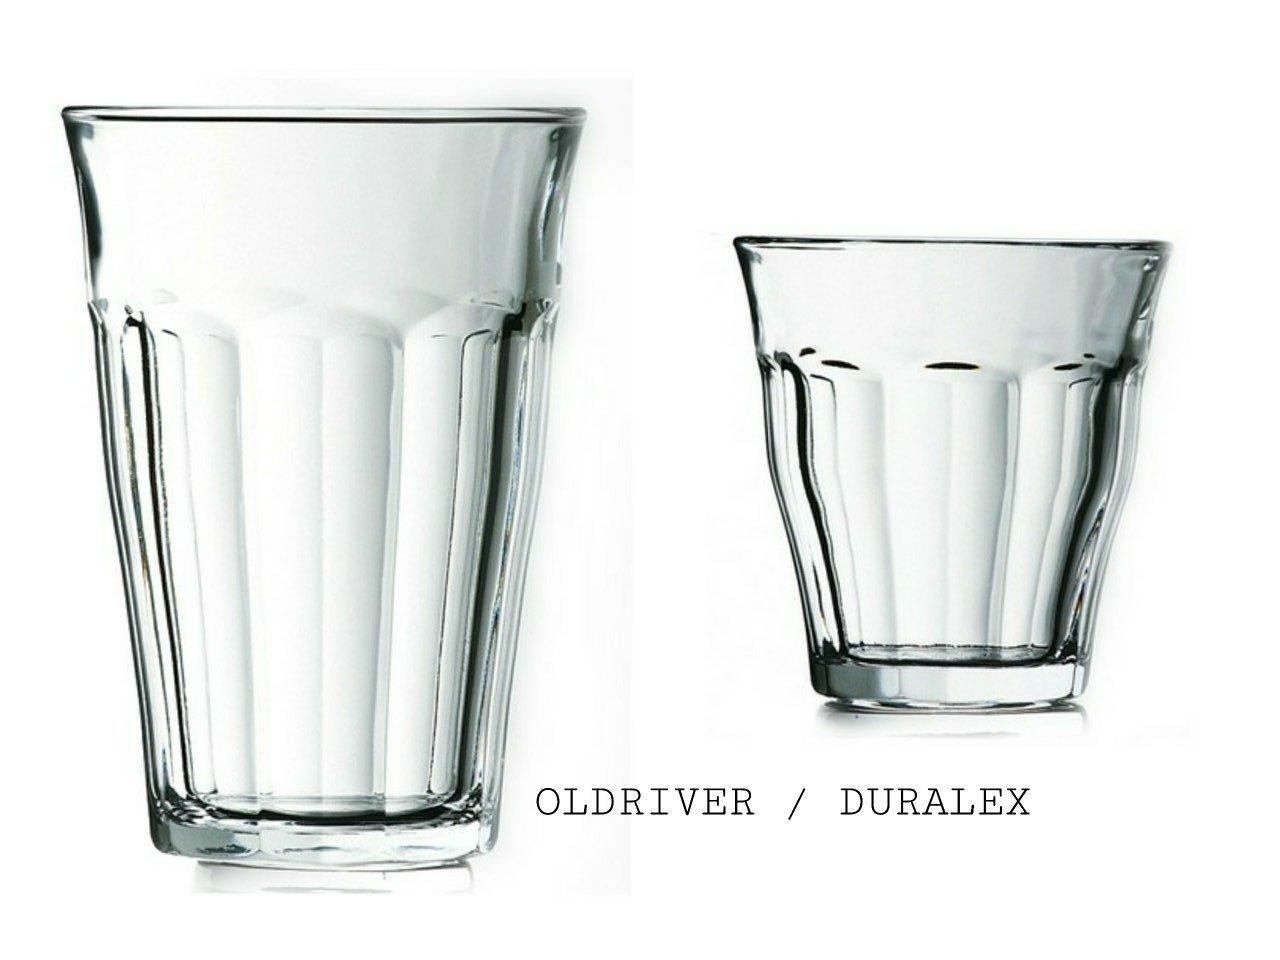 デュラレックスのグラス入荷予定_f0255704_10163437.jpg